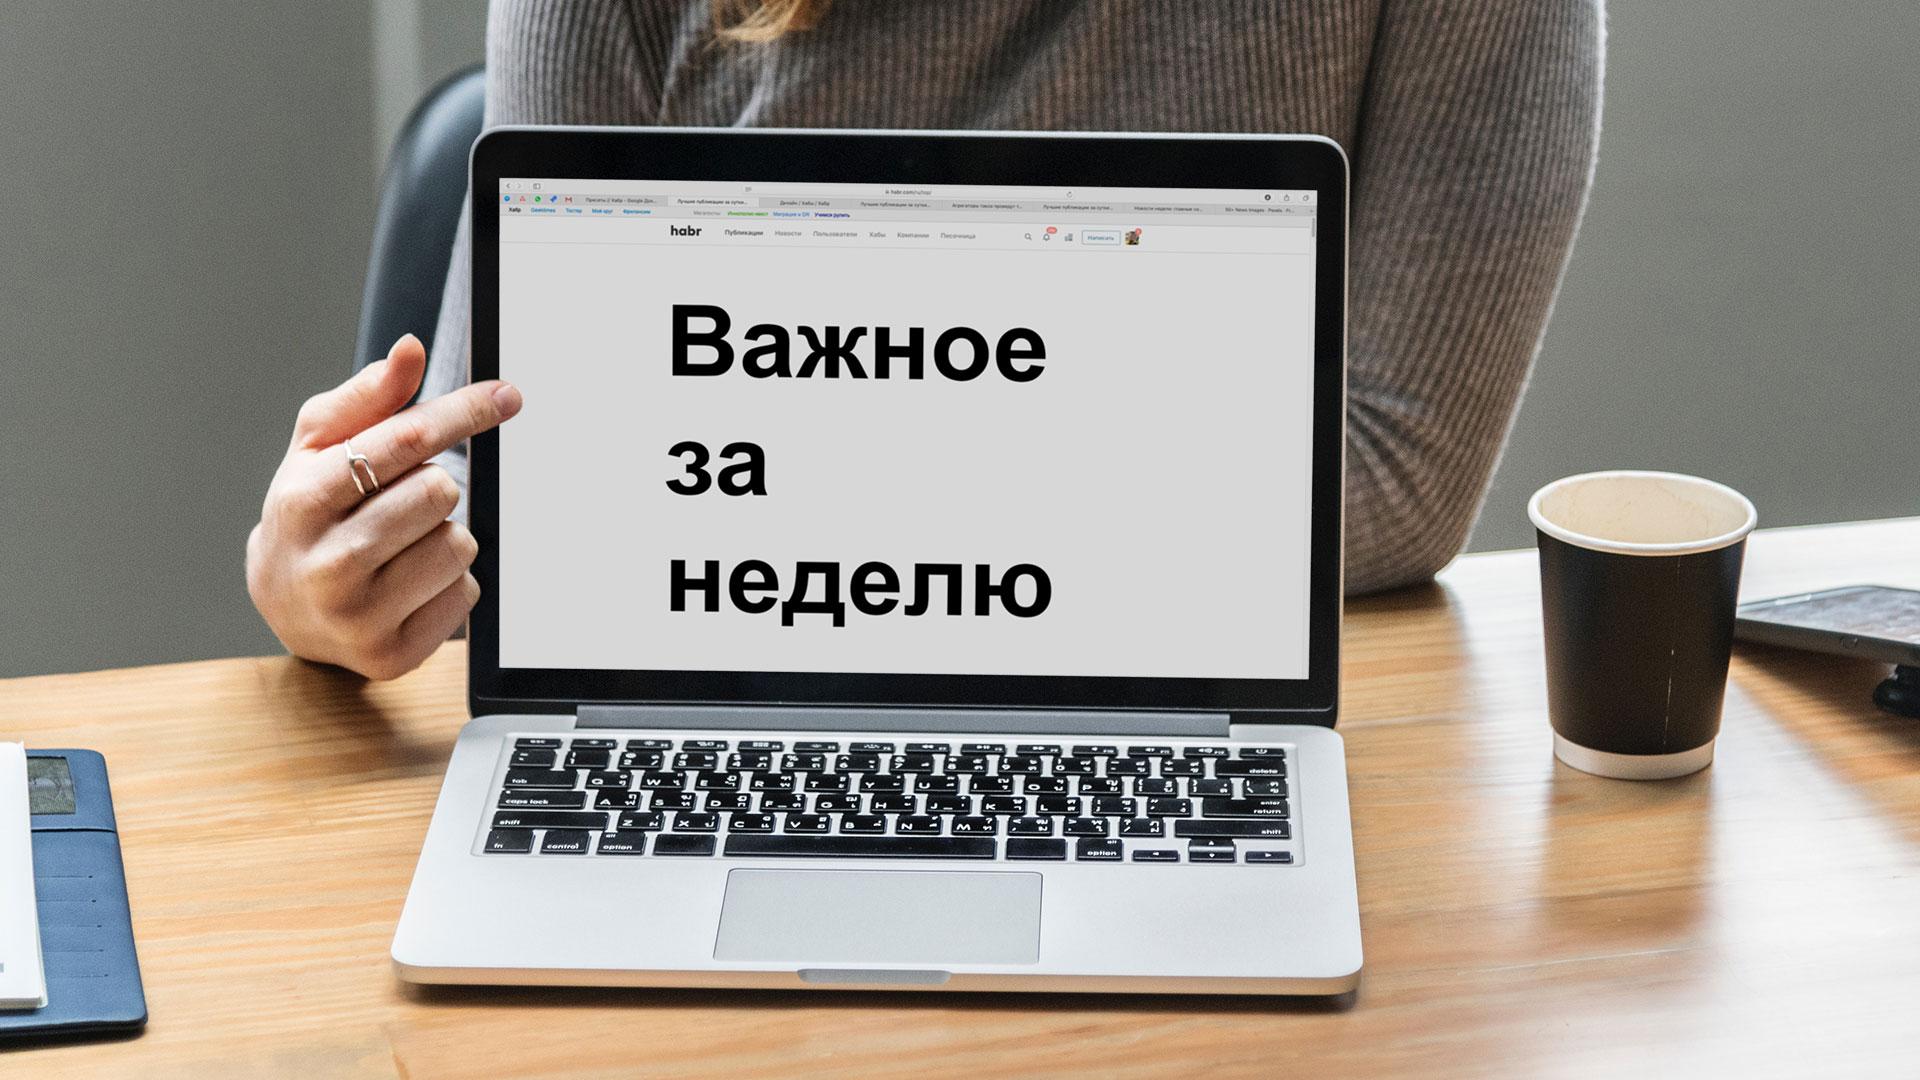 Новости недели: «Яндекс» и западные спецслужбы, ФАС борется с онлайн-казино, Минтранс регулирует работу BlaBlaCar - 1